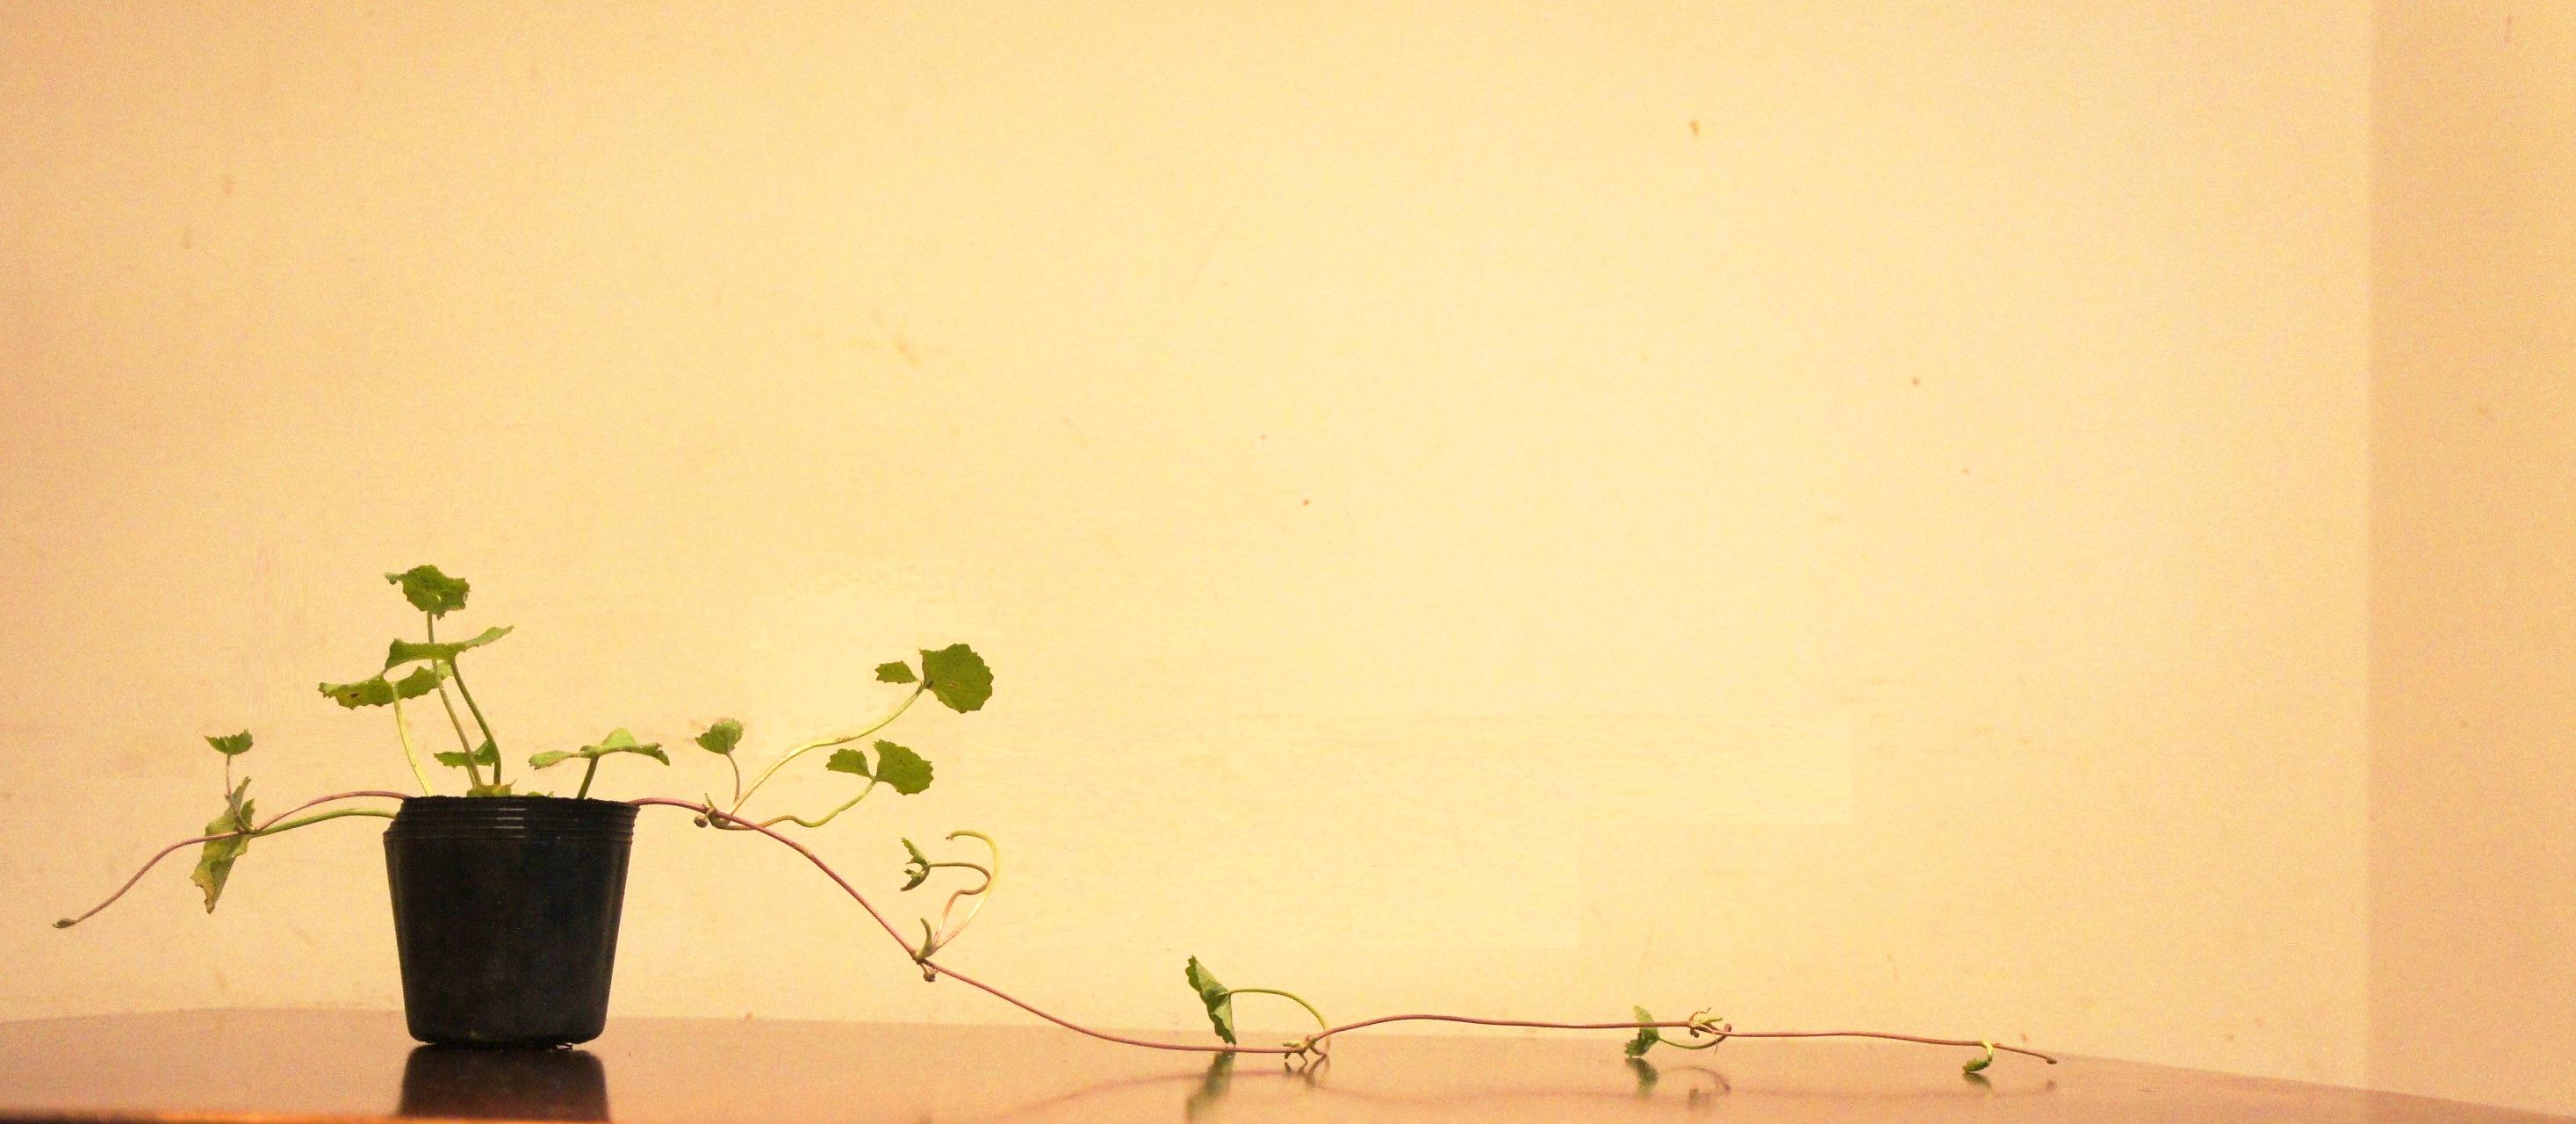 能力アップハーブ「つぼくさ」をご存知ですか? スリランカの友人が「スリランカでは頭が良くなるハーブといって、すごく有名。アーユルヴェーダで一番有名な植物だと思うよ」と教えてくれました。静脈の血流を促すということで、アルツハイマーにも良いとか、実は私は先週から毎日飲んでます。